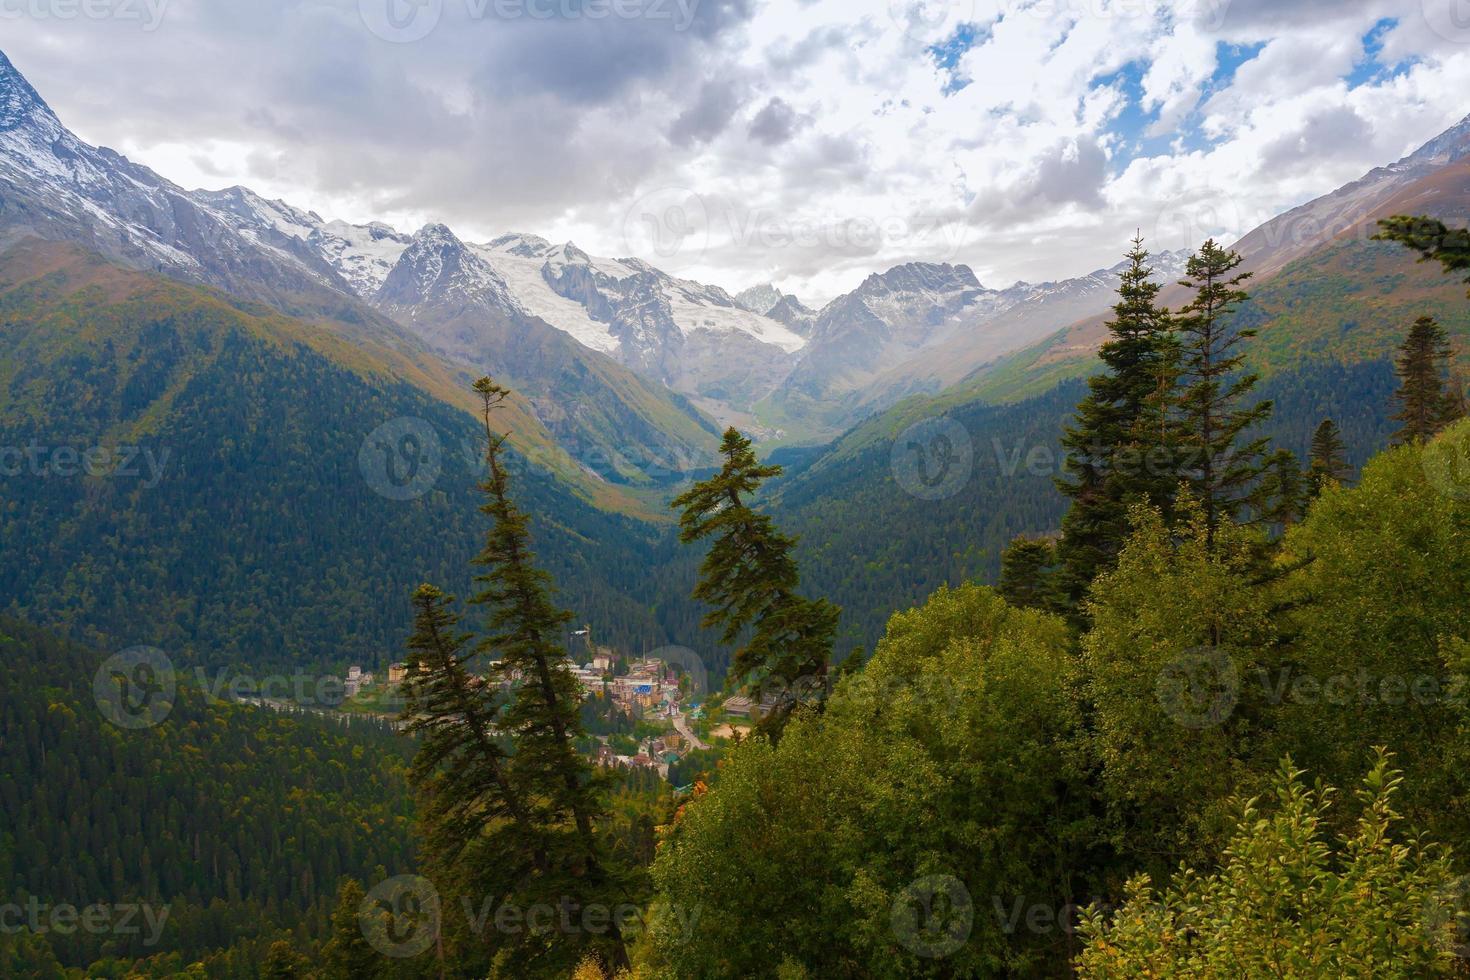 Mountain day autumn photo